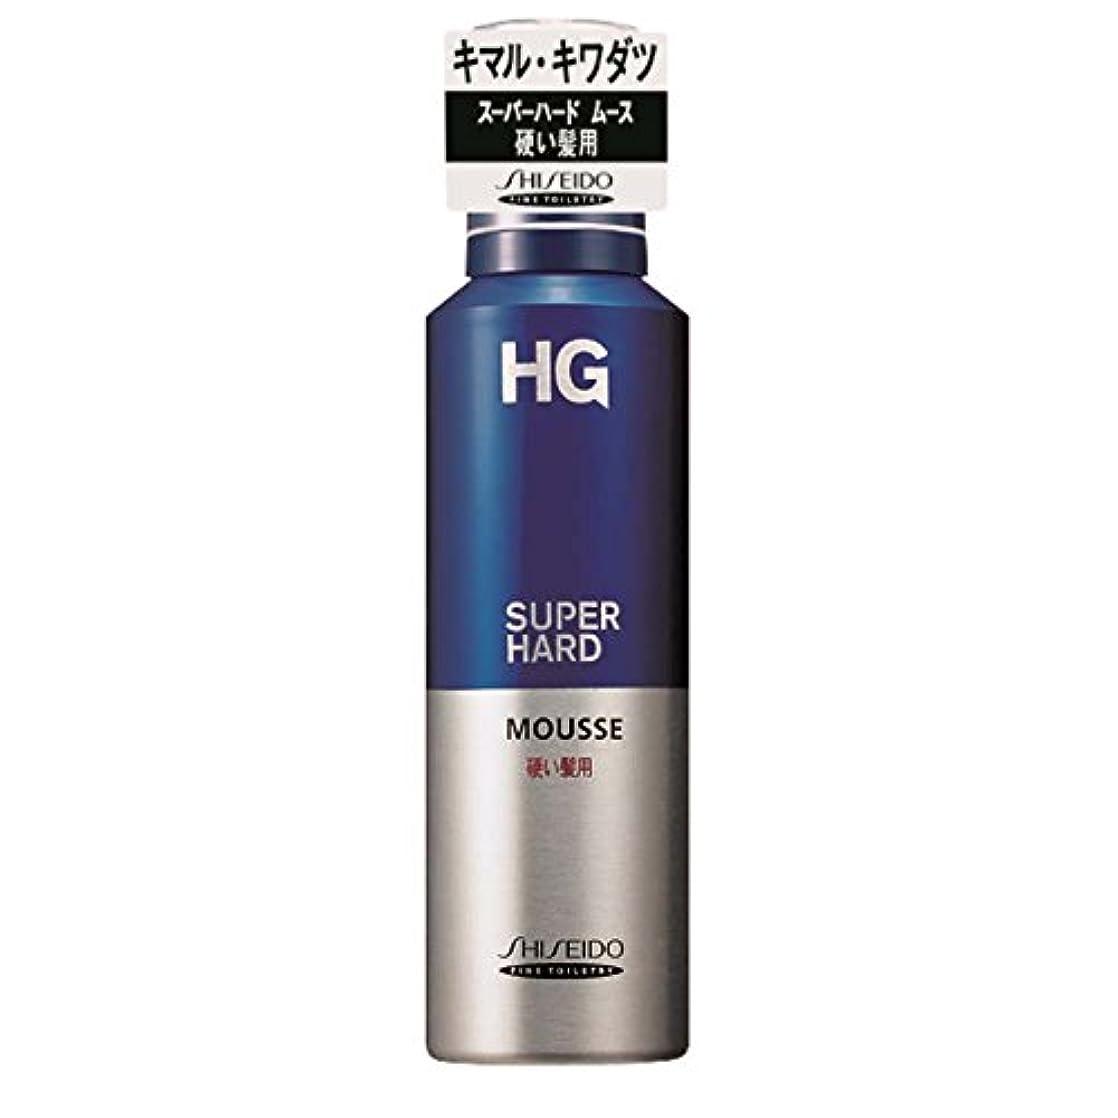 含めるはさみパスHG スーパーハード ムース 硬い髪用 180g